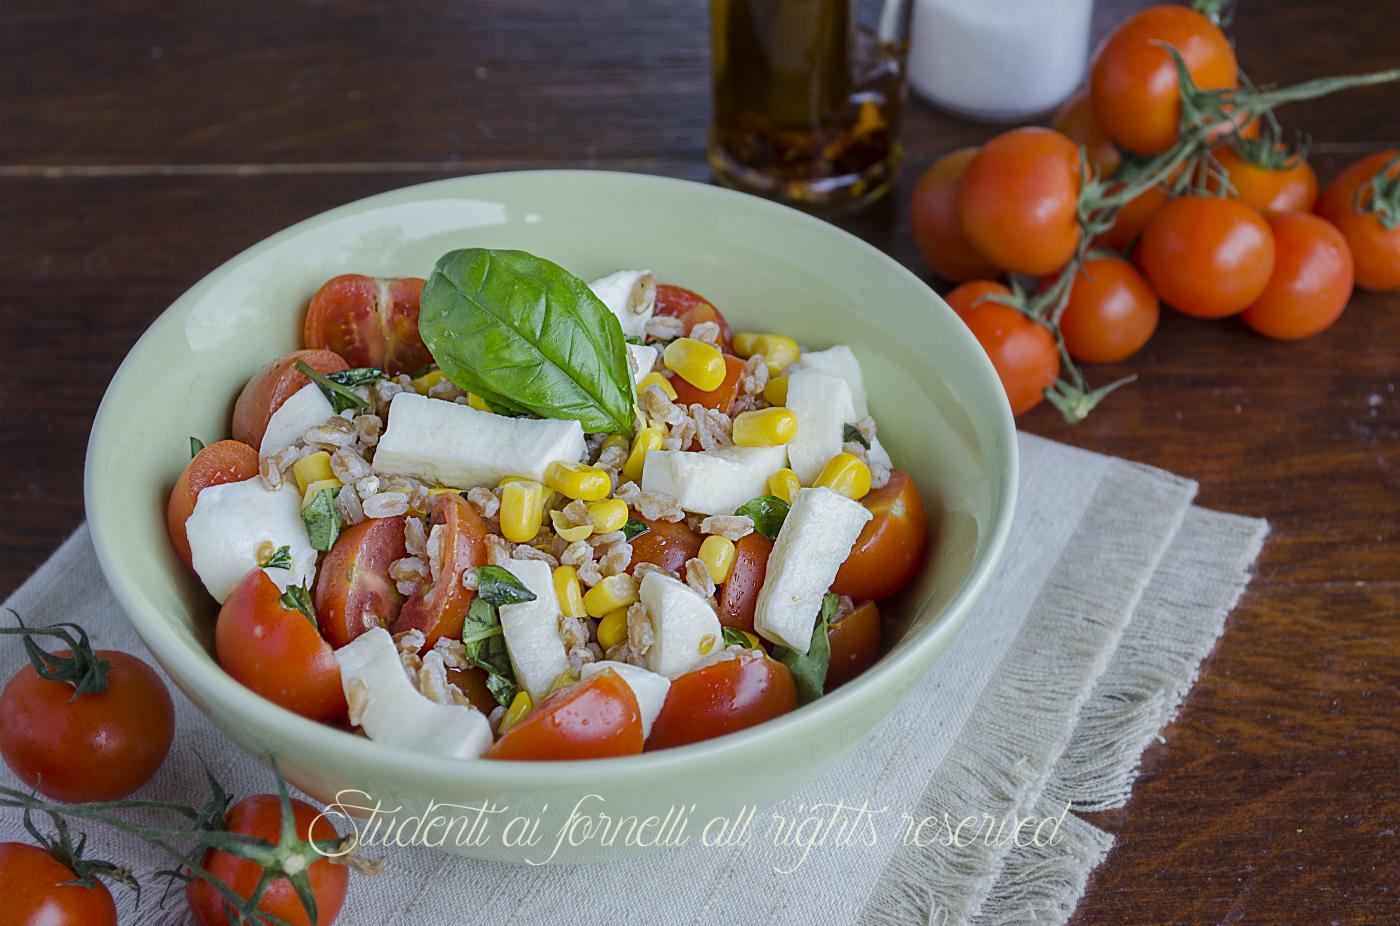 Insalata di farro con pomodori e mozzarella estiva ricetta for Insalate ricette